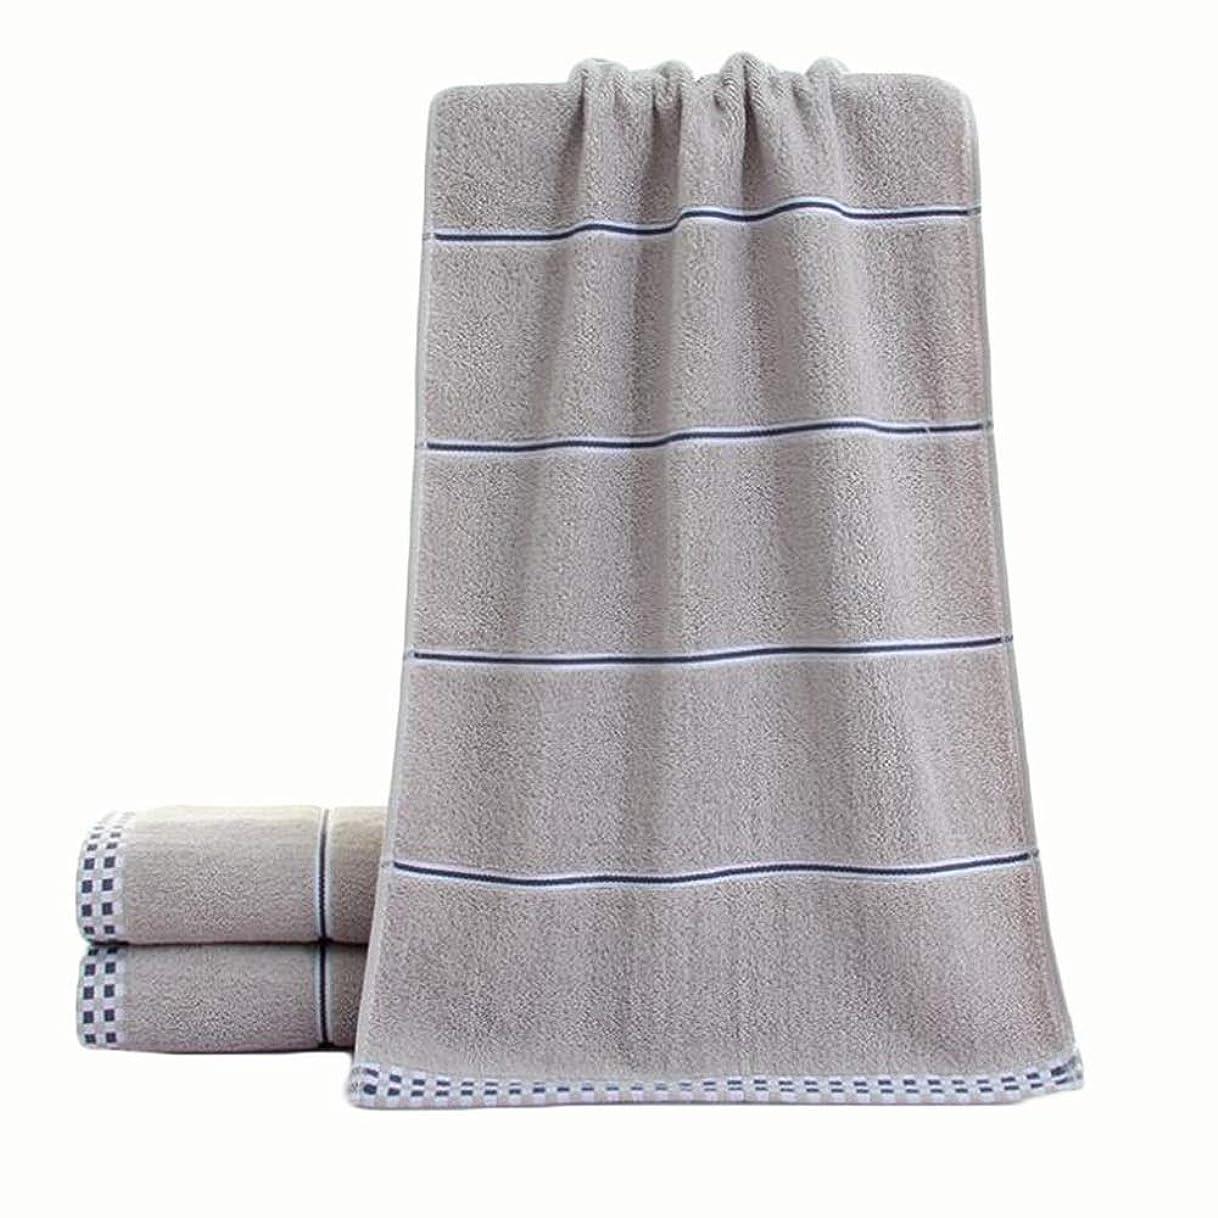 戸棚活気づける旅行者CXUNKK 2PCS / LOT家庭用綿厚手綿吸収性タオル (Color : Gray)